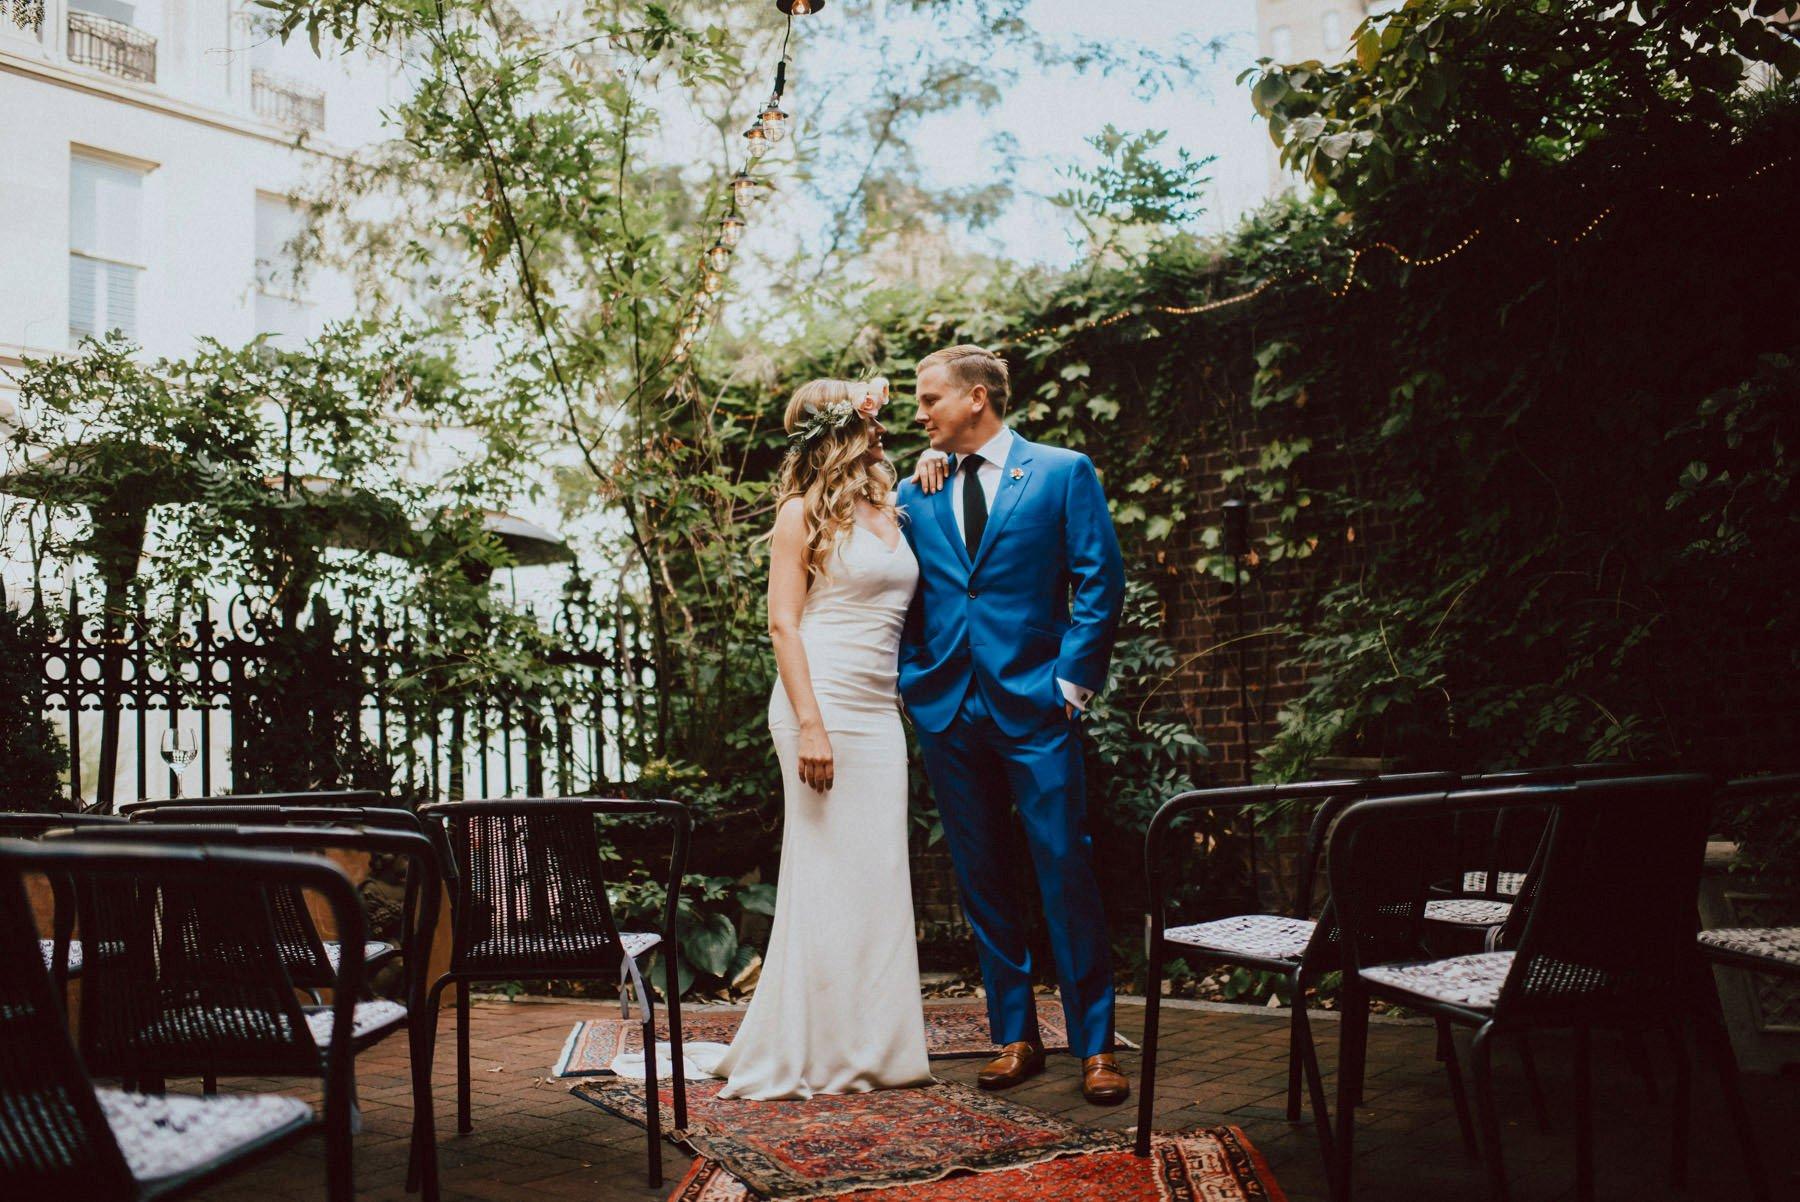 la-cheri-philadelphia-wedding-15.jpg